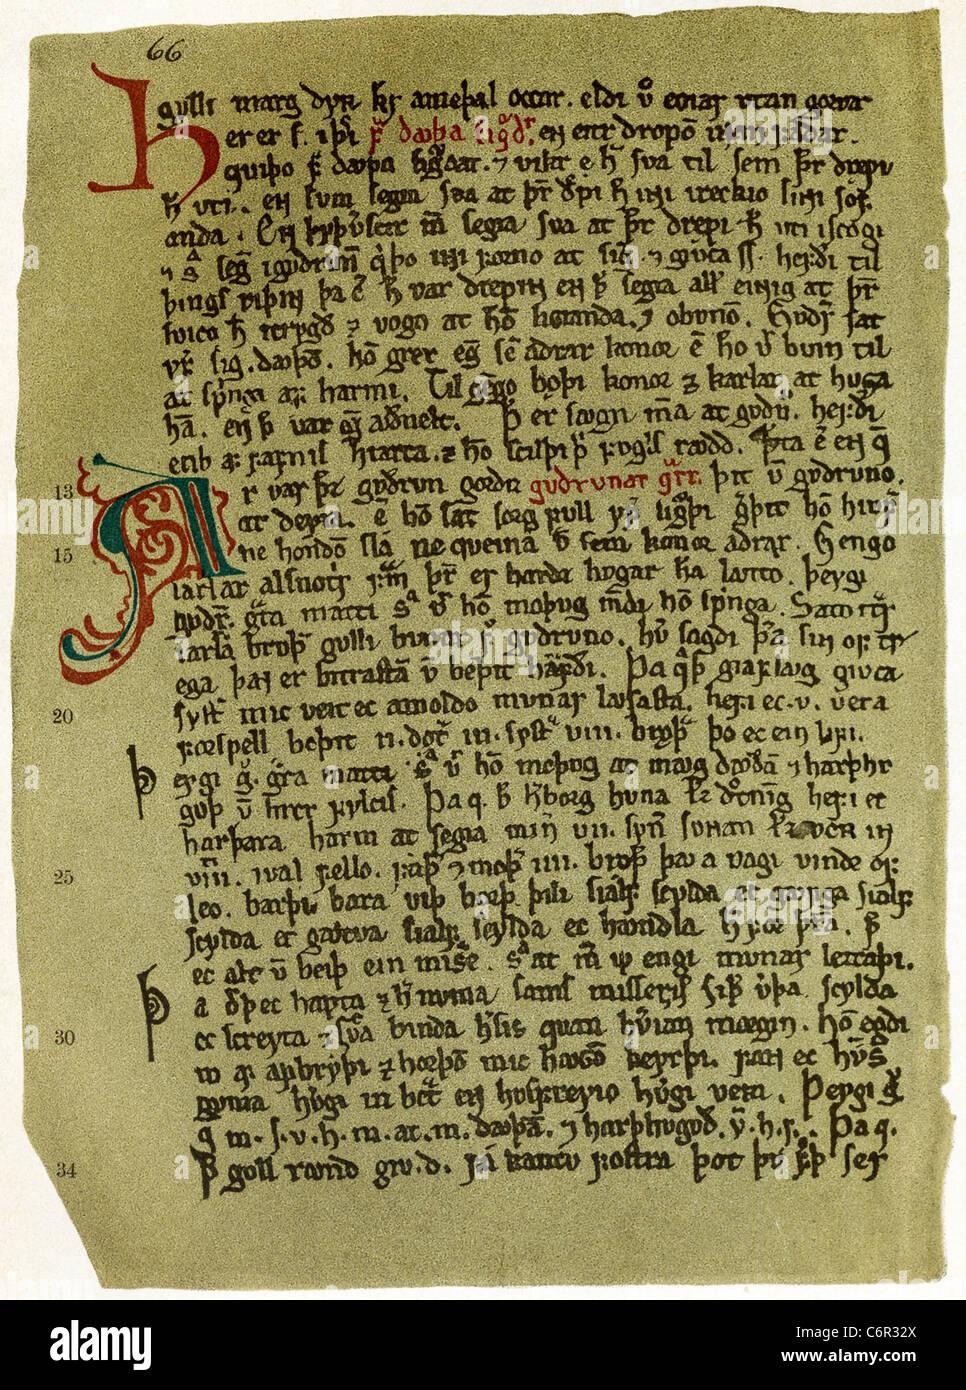 Questo facsimile 1910 mostra il più antico manoscritto superstite il testo di una pagina di una poetica Eddas. Immagini Stock